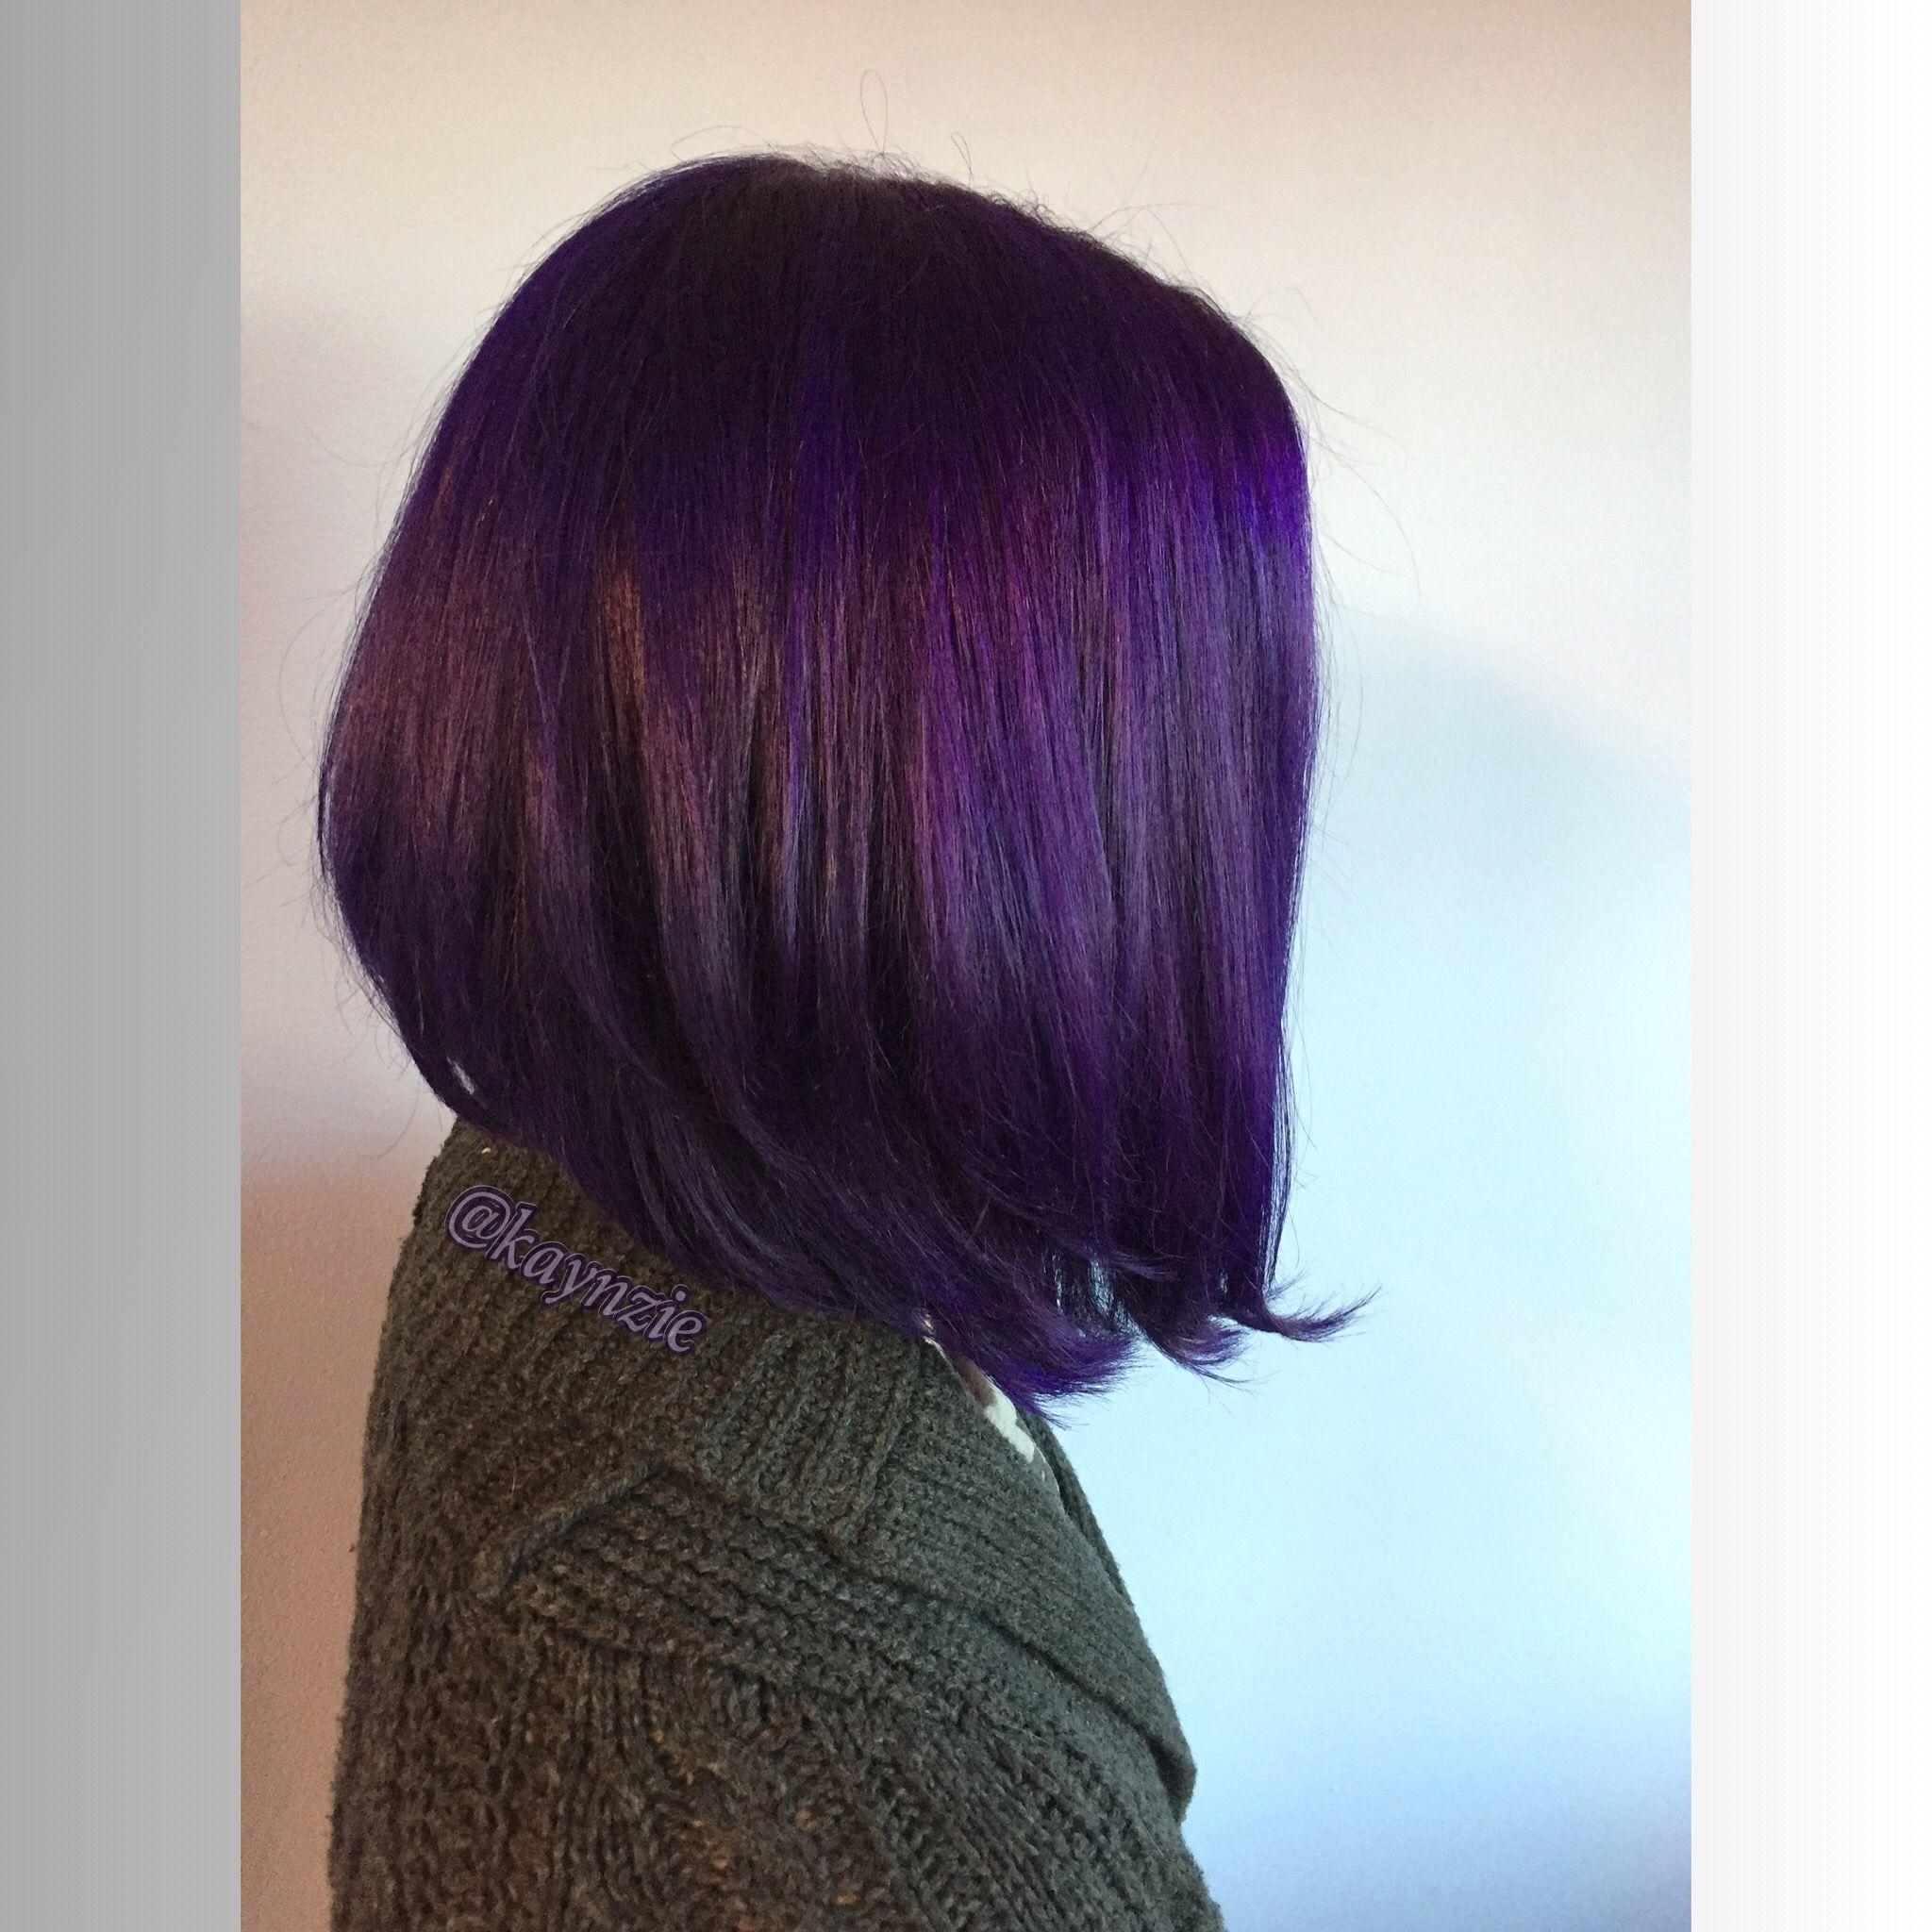 cute short layered bob haircut custom deep dark purple plum color